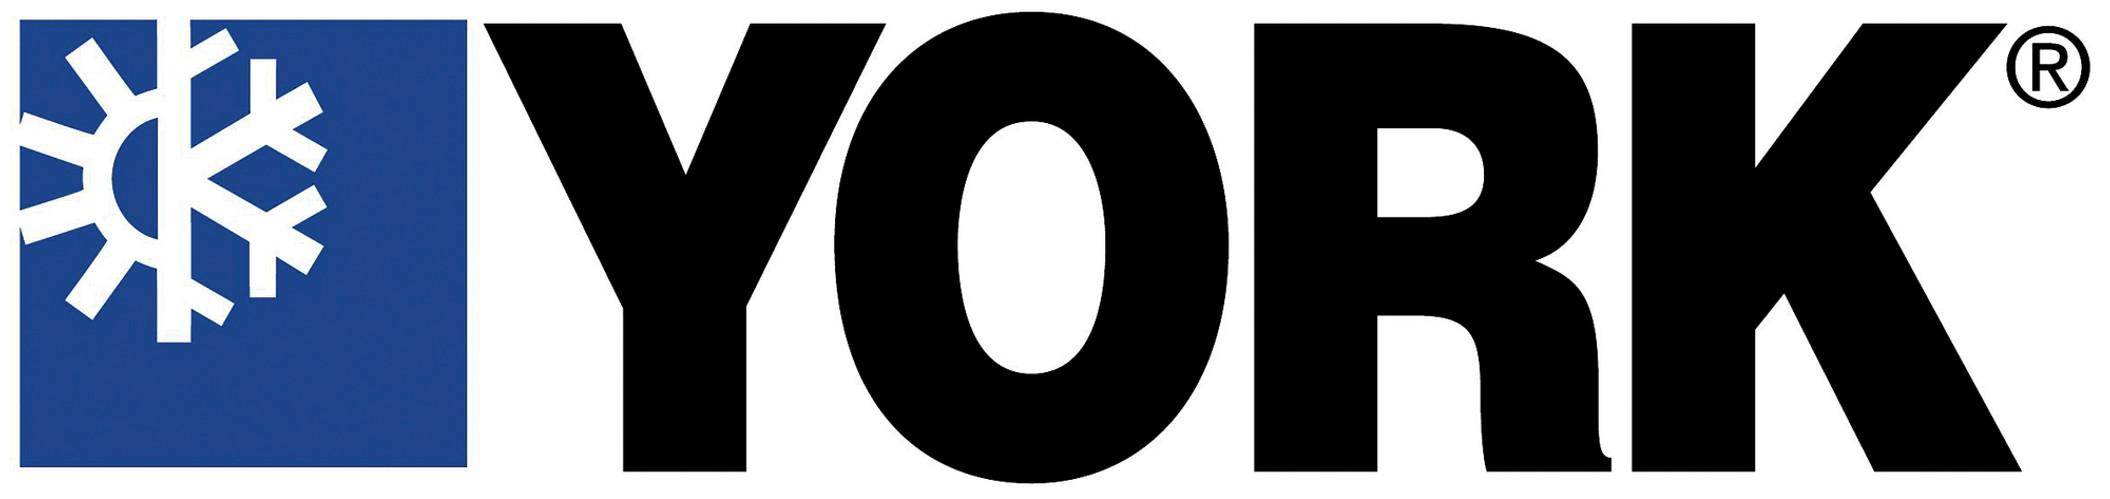 YORK_HVAC_Logo_RGB.jpg